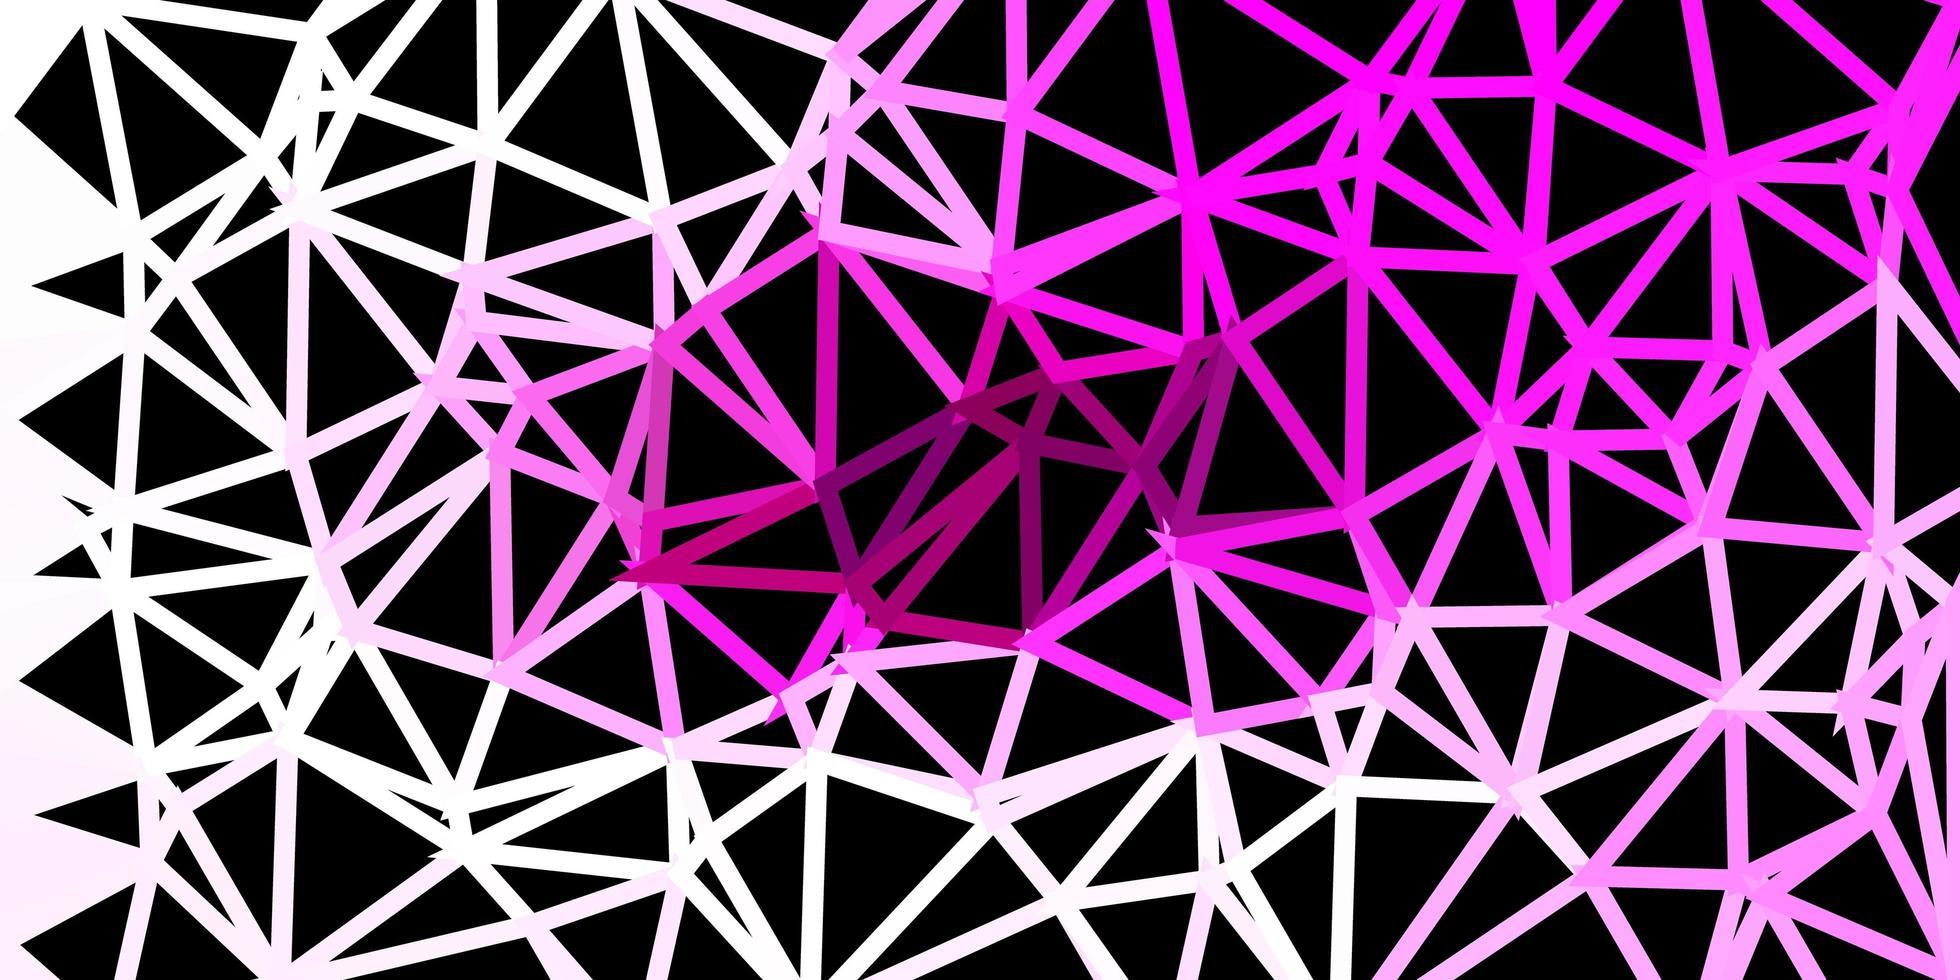 Polygonaler Hintergrund des hellrosa Vektors. vektor